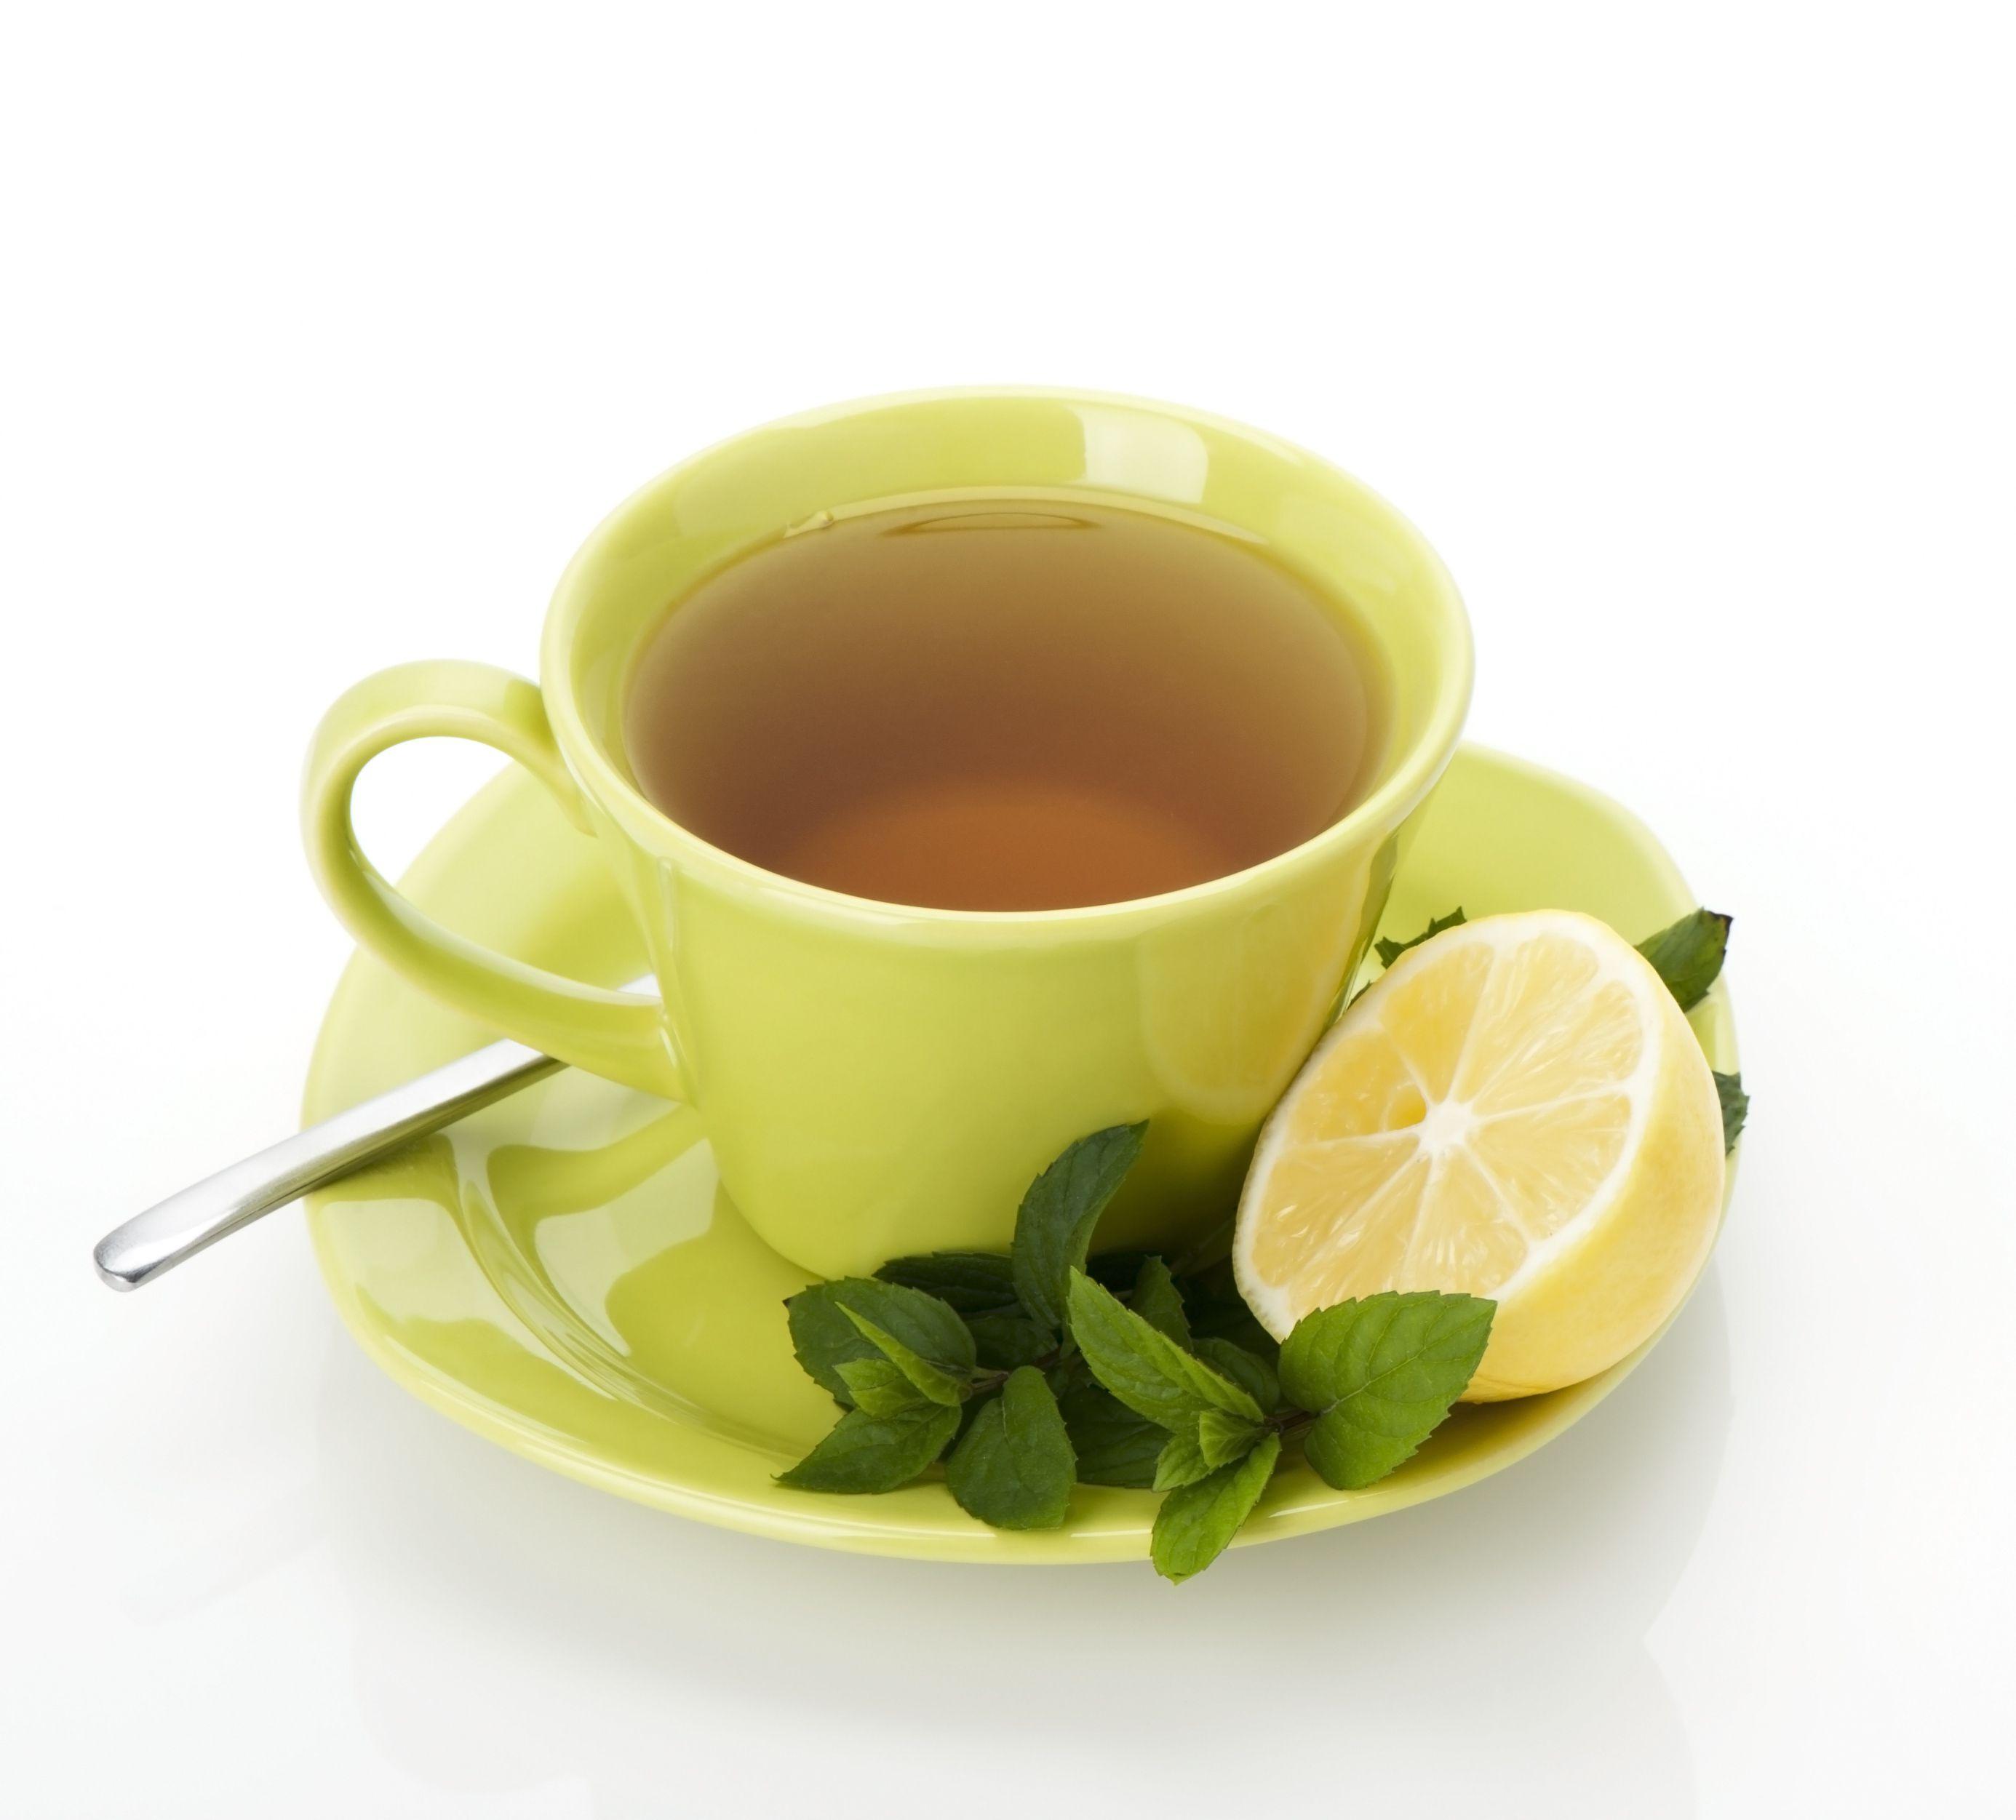 Lemon Ginger Green Tea Recipe